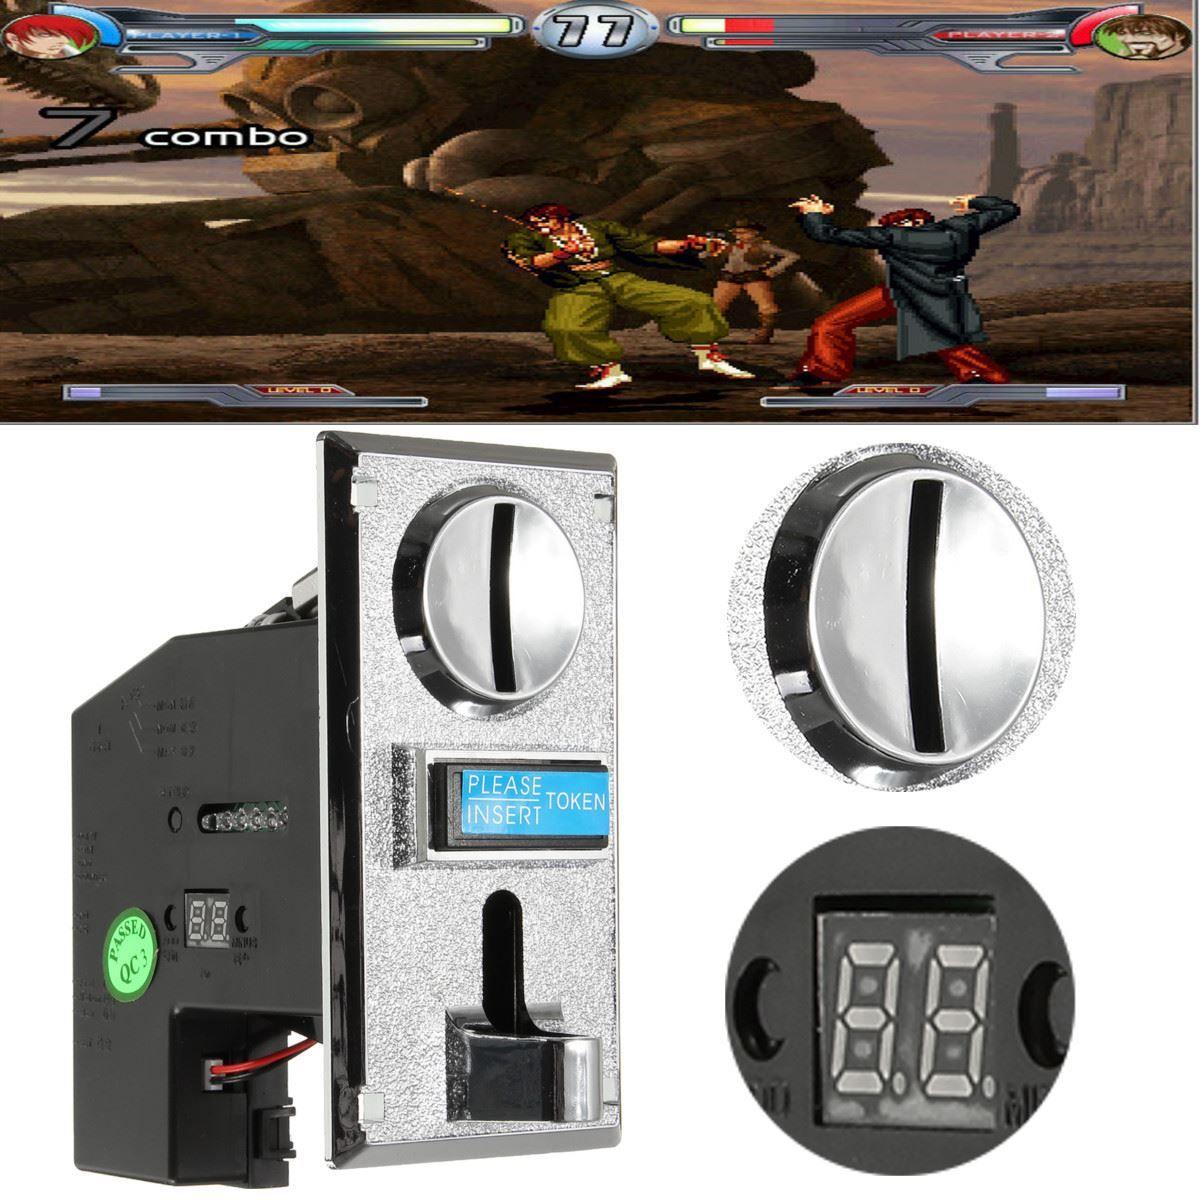 Pc пластиковые электронные advanced спереди запись Процессор монетоприемник применимо для всех видов монеты и иностранных валют для игры